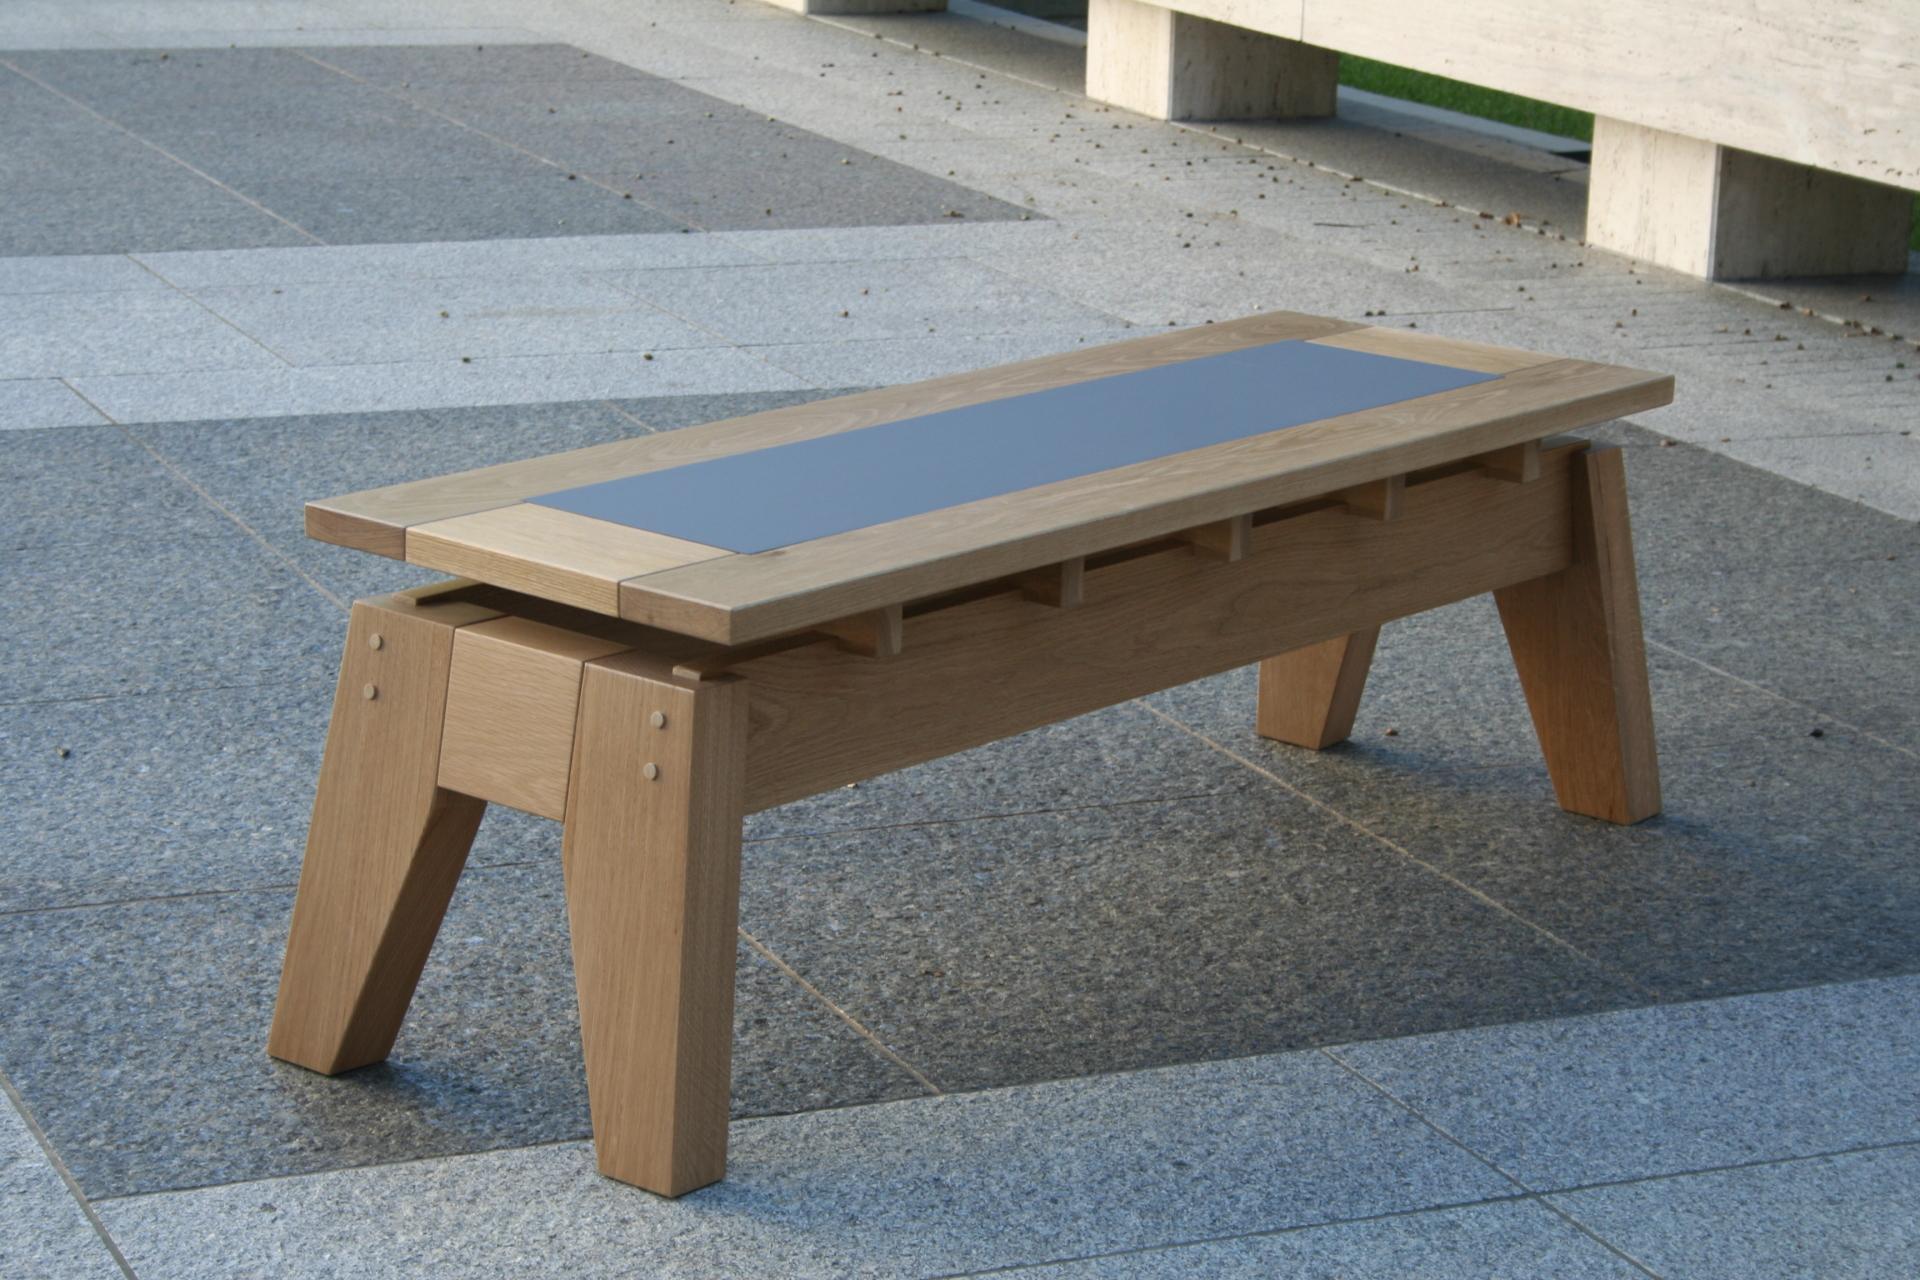 Bunshaft Bench